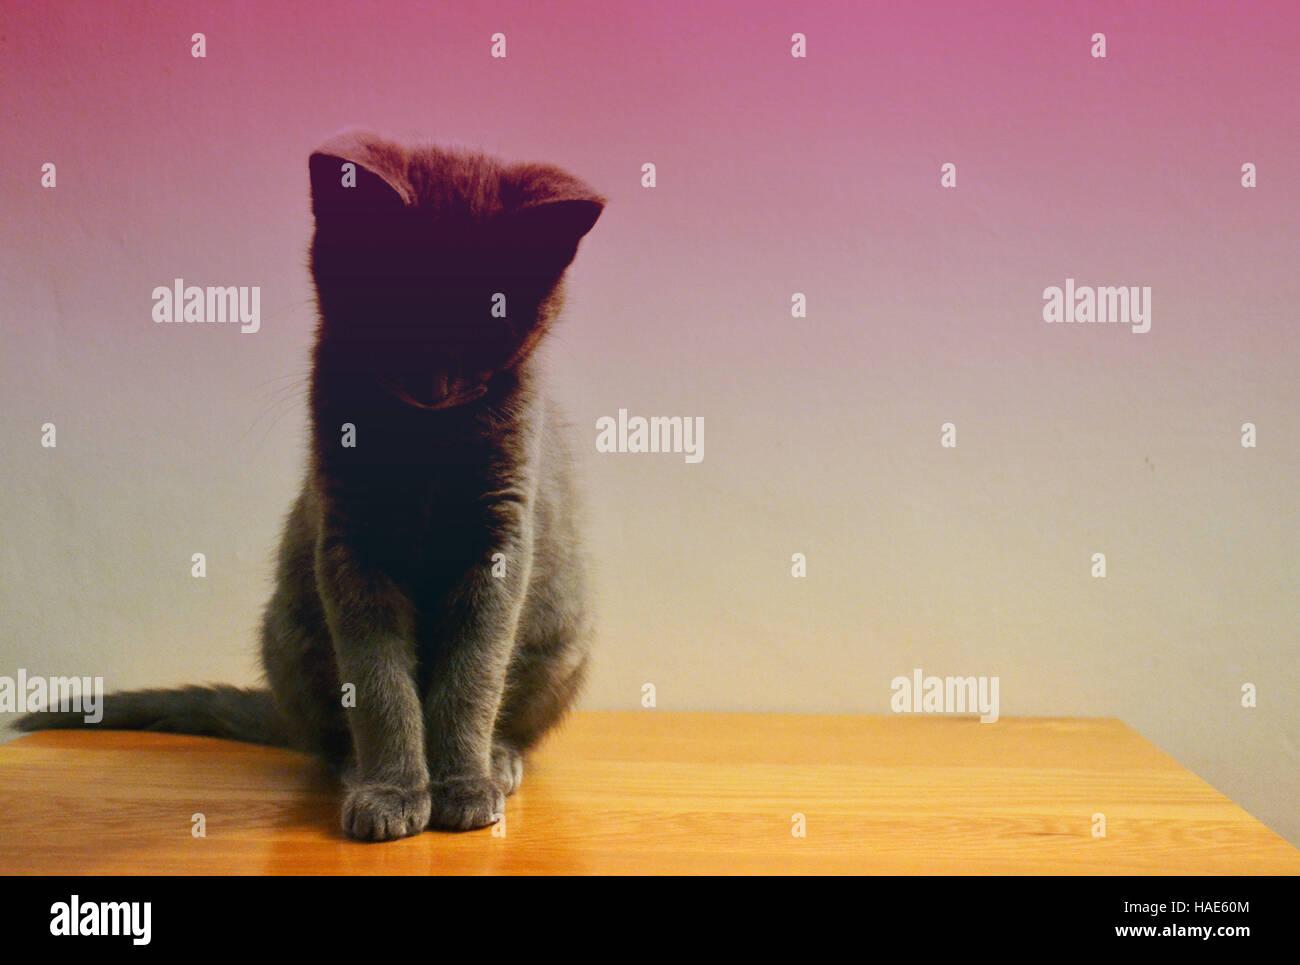 Beautiful still silhouette crossed portrait of a Russian blue Kitten. - Stock Image